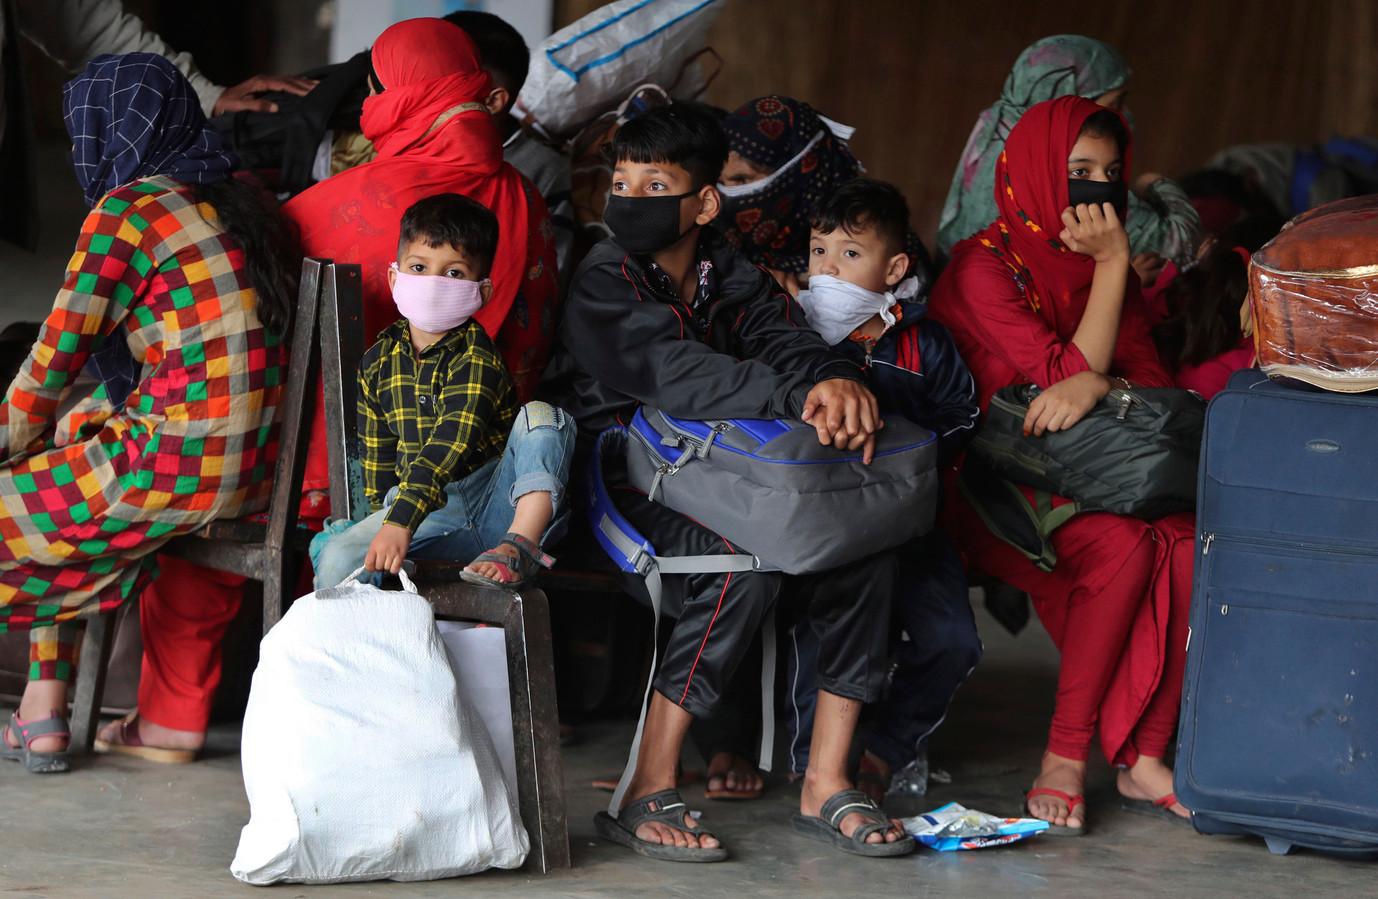 Kinderen met mondkapjes op wachten op de bus in Jammu. Dit straatbeeld in India zal voor enige tijd verdwijnen. De regering werkt aan de afkondiging van een uitgaansverbod.